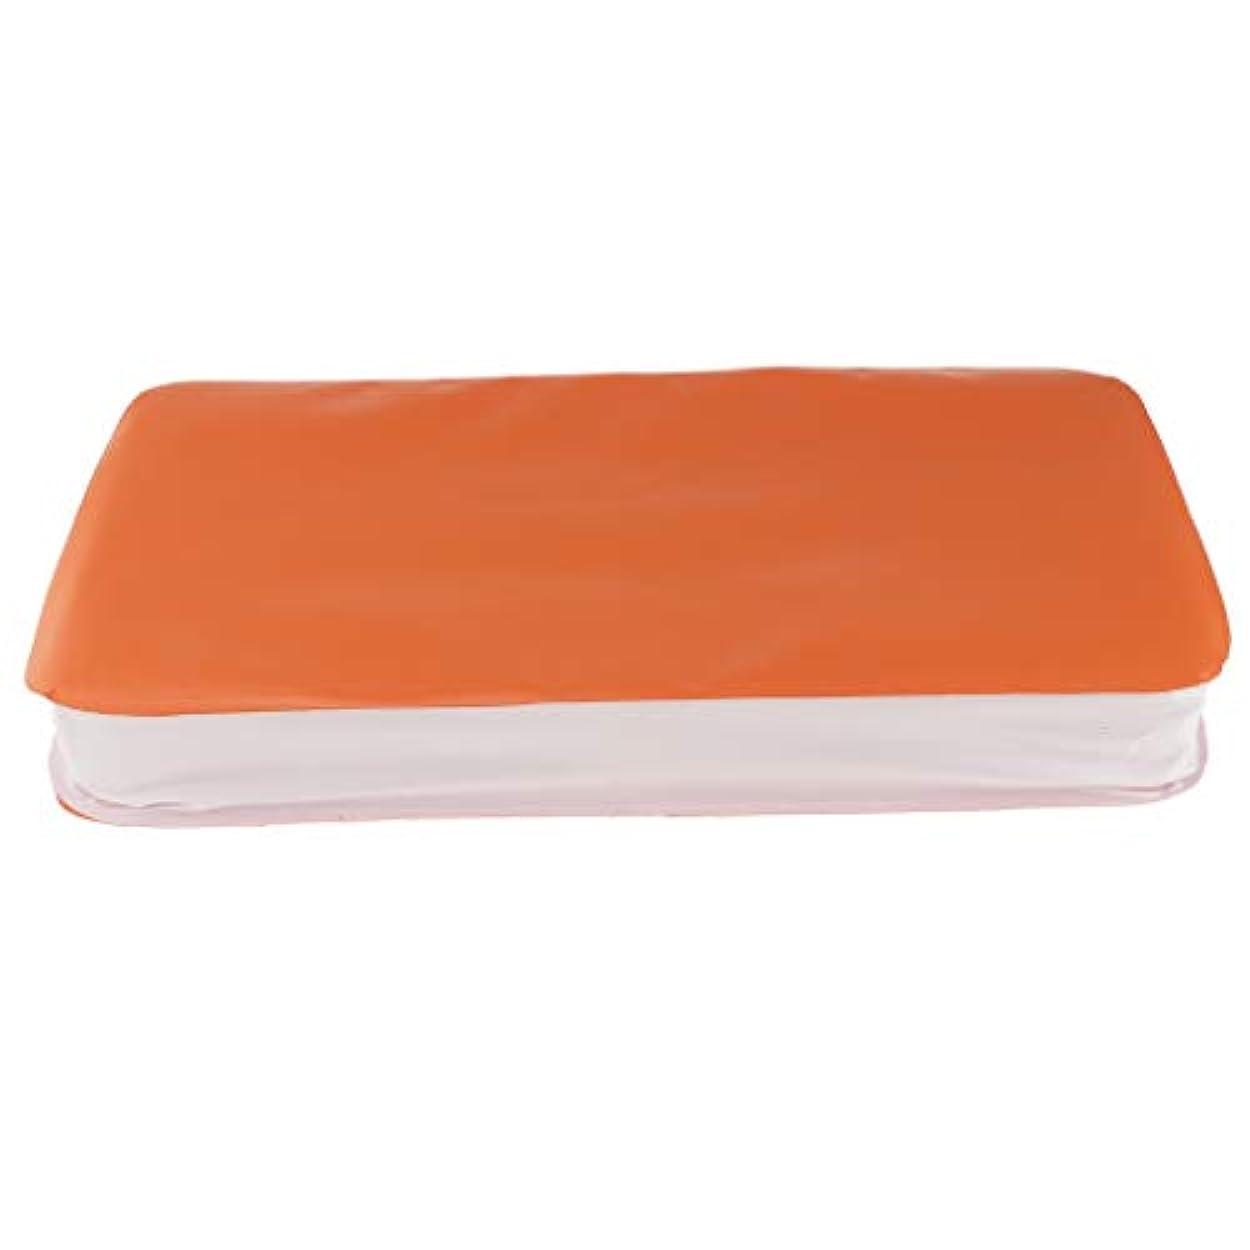 土地閉じる背が高いD DOLITY インフレータブル エアクッション PVC コンパクト エアーピロー キャンプ 旅行 携帯枕 座布団